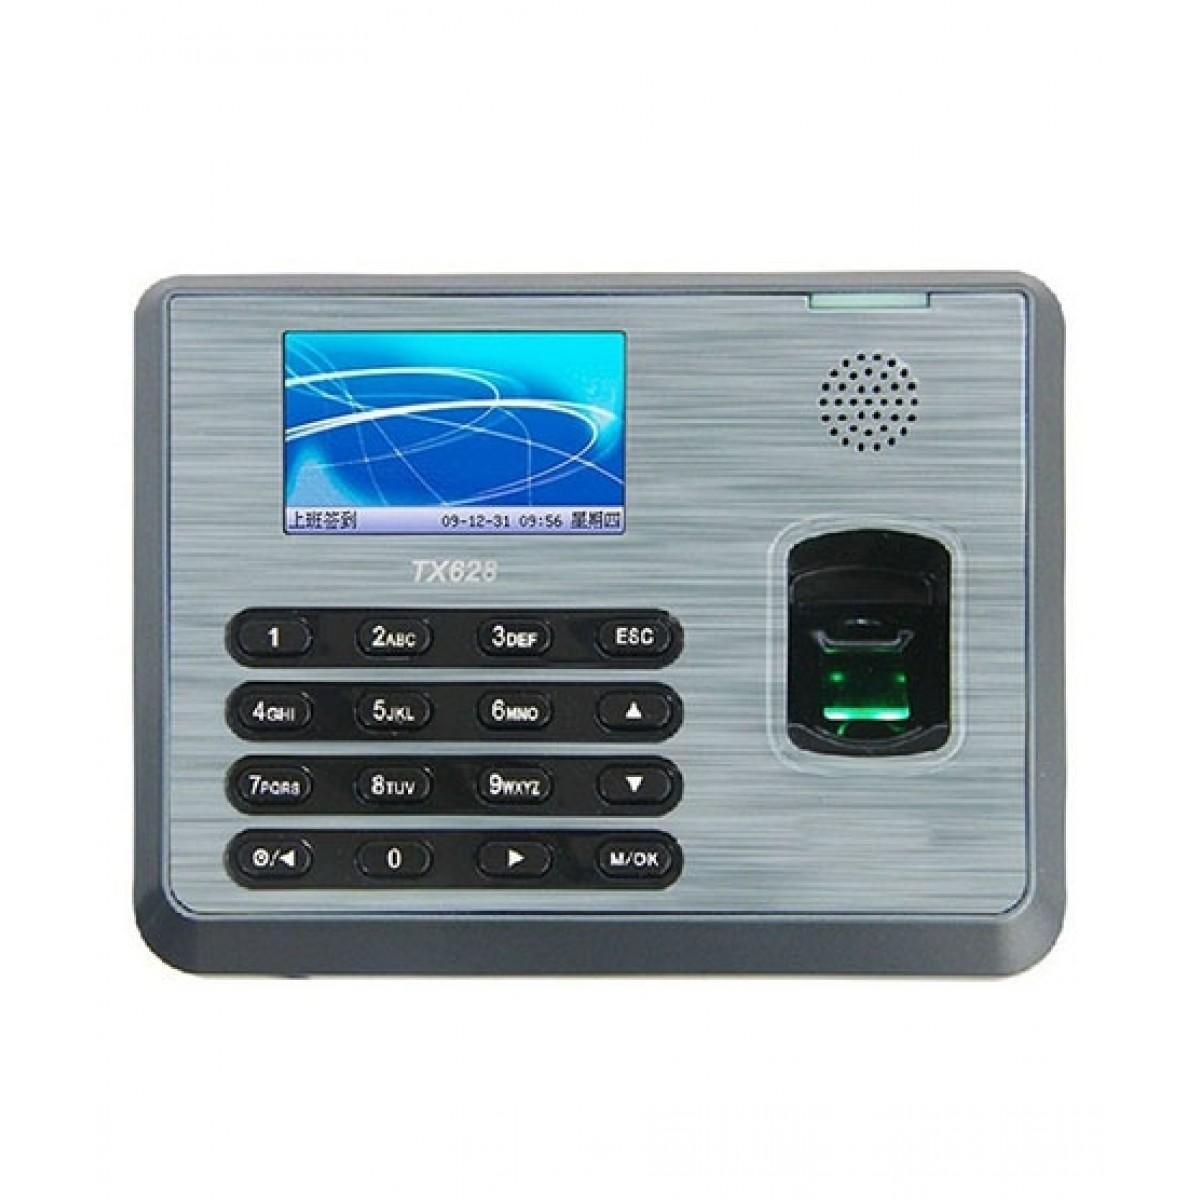 ZKTeco TX628 Fingerprint Attendance System